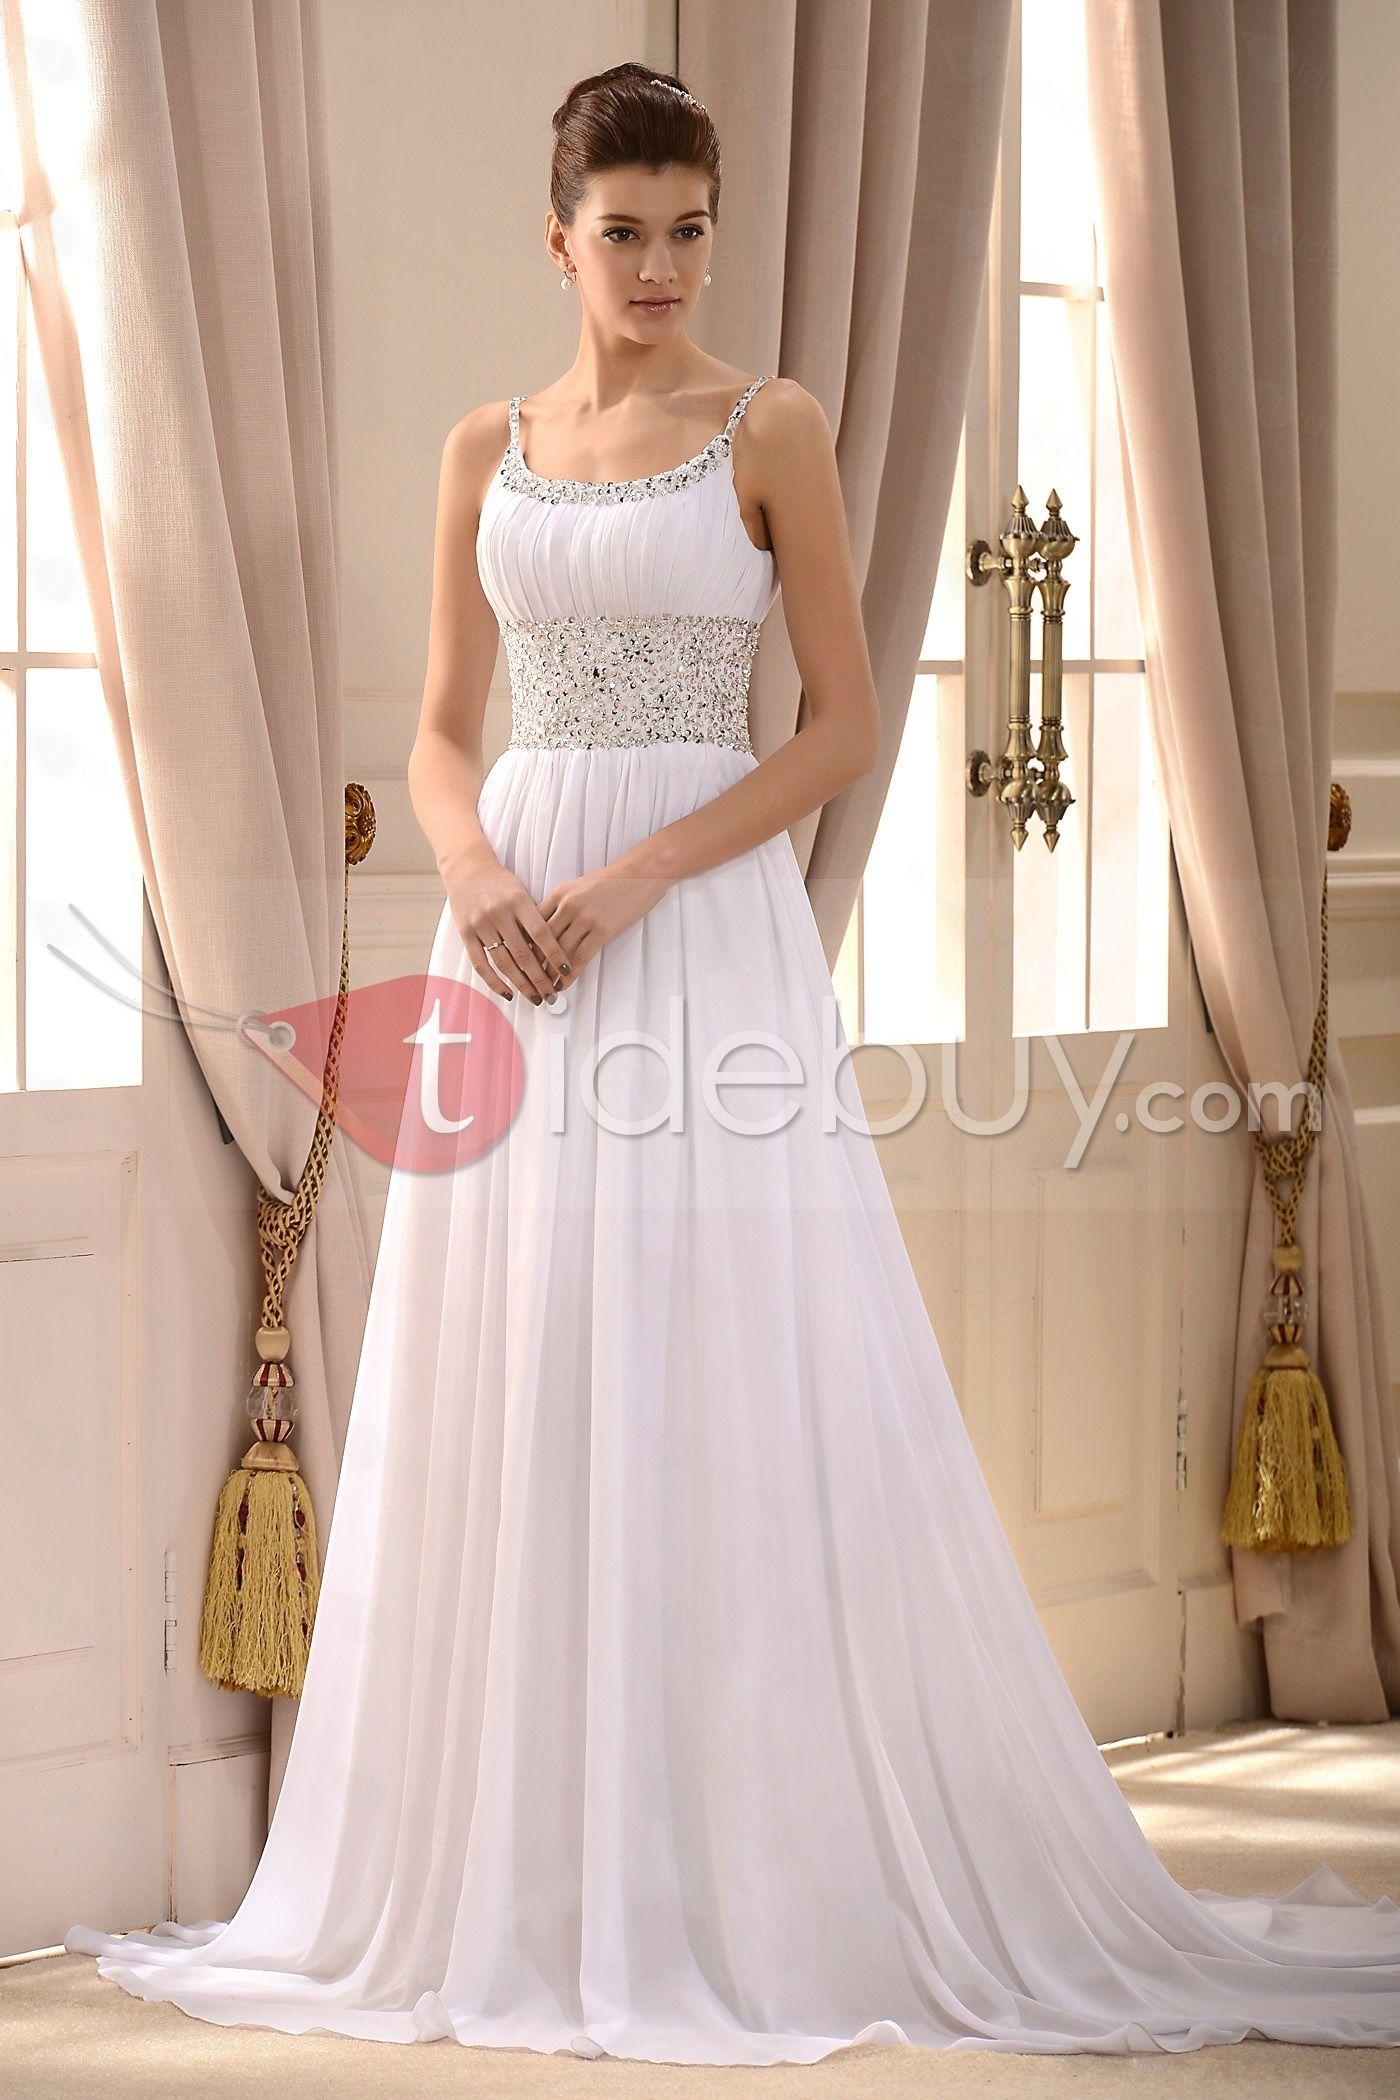 vestidos de novia sencillos - Buscar con Google | bodas | Pinterest